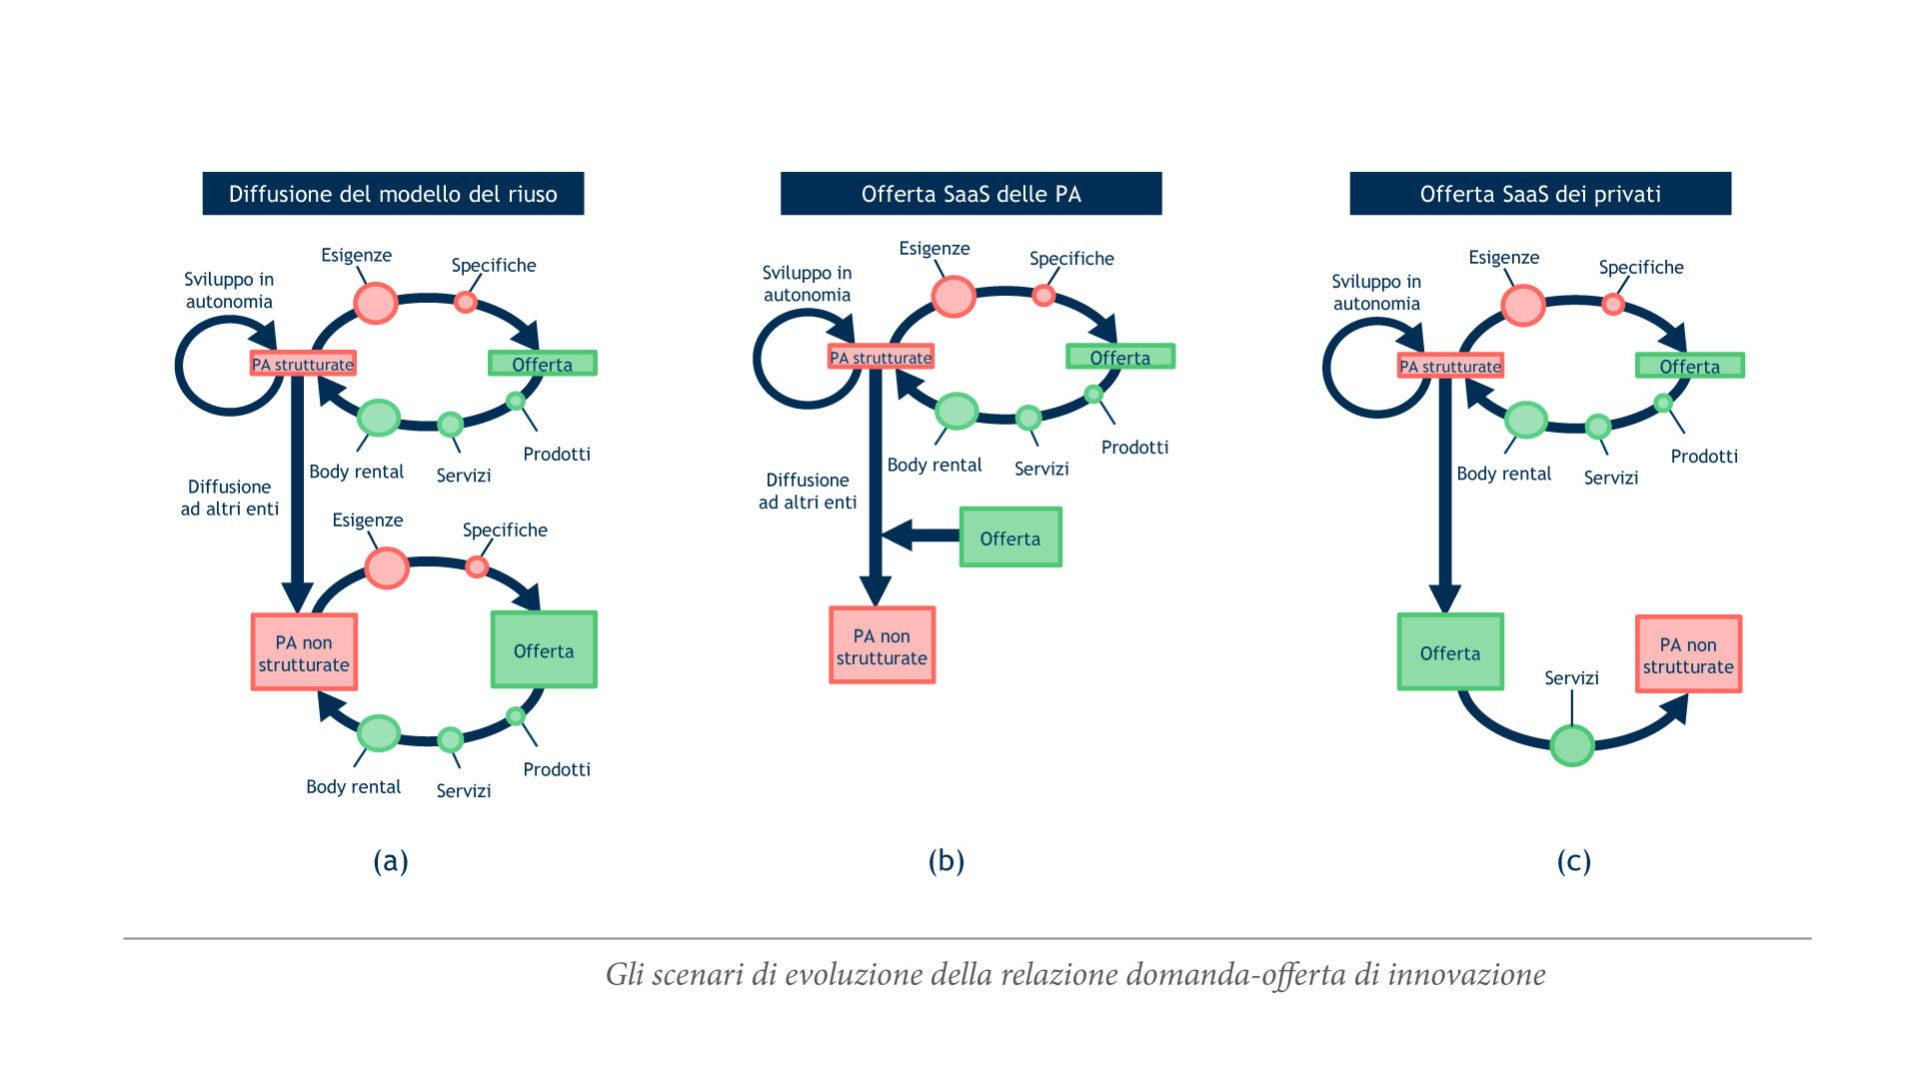 grafico che mostra gli Scenari di evoluzione domanda pubblica-offerta di innovazione digitale